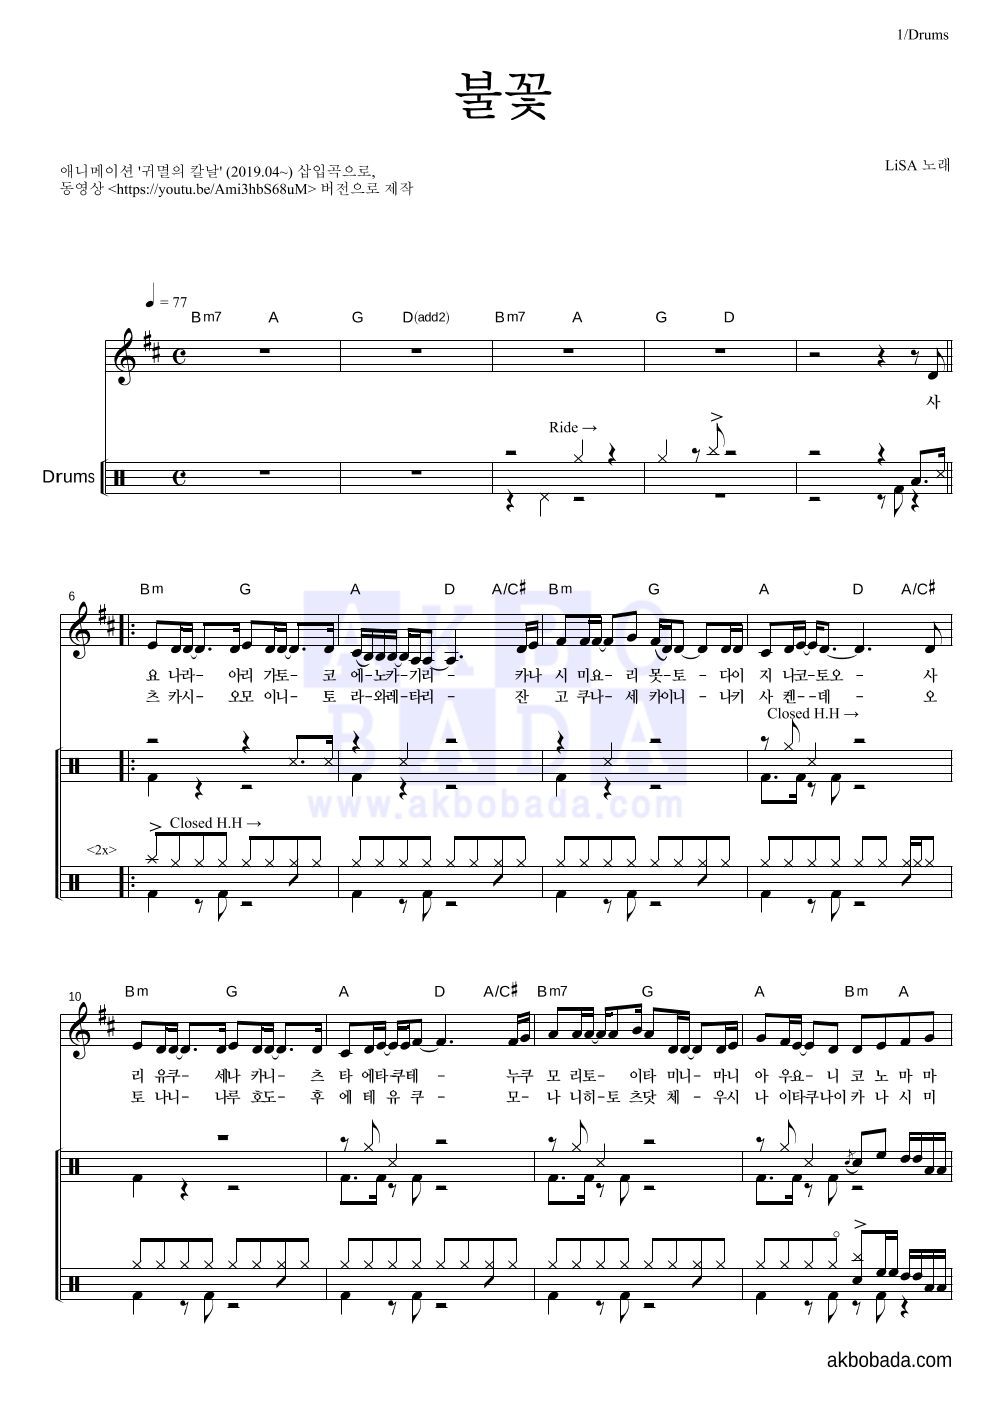 귀멸의 칼날 OST - 불꽃 드럼 악보